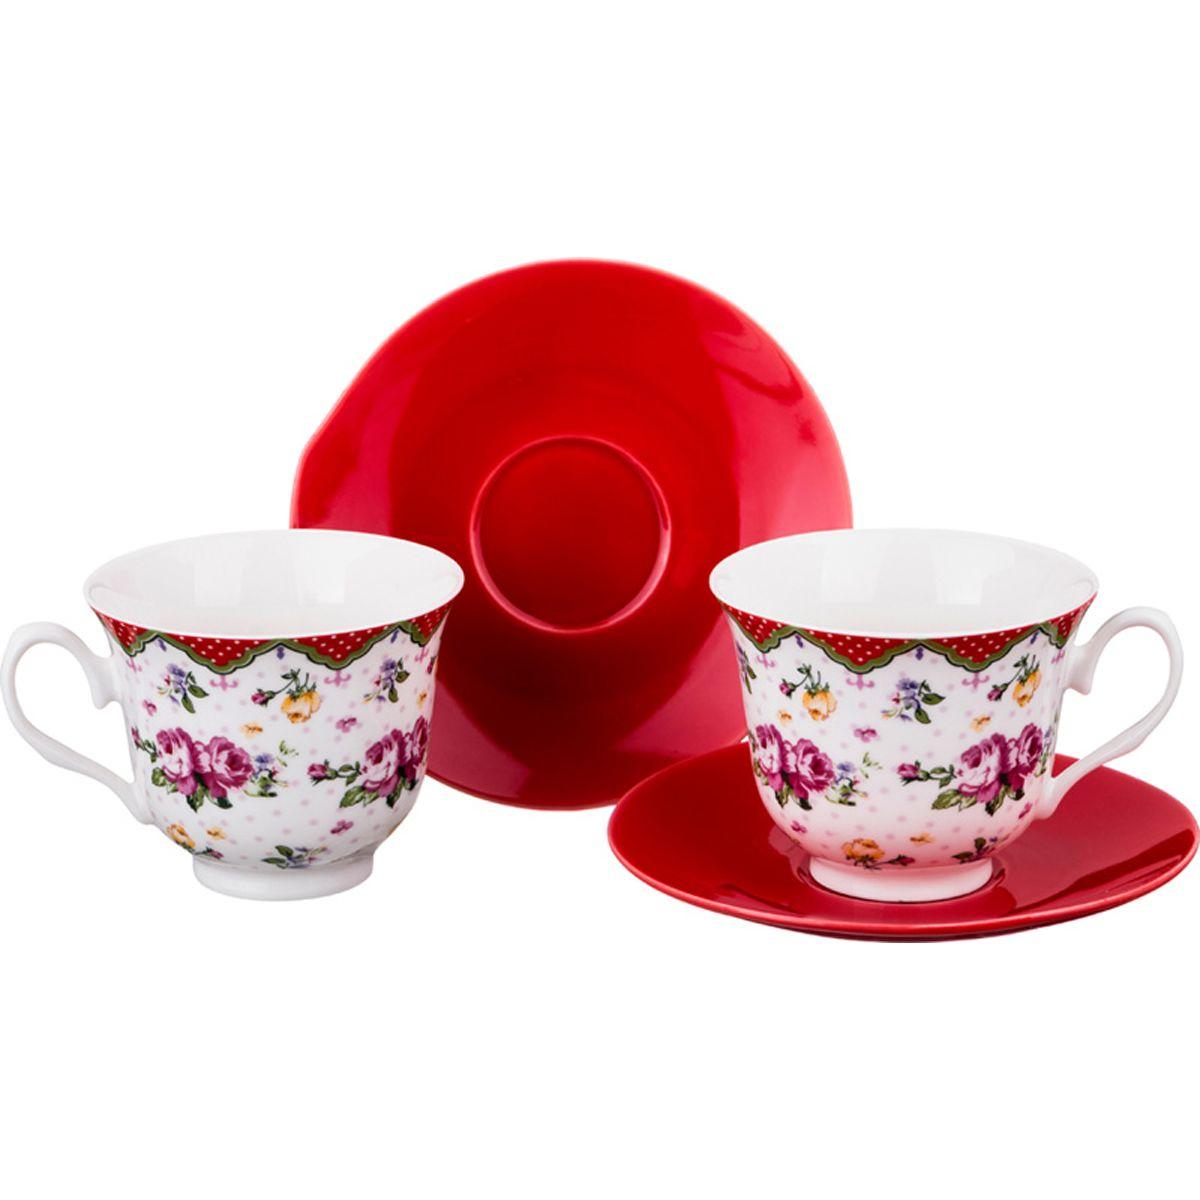 Чайный набор на 2 персоны Lefard Яркий сад, белый, красный, 220 млLF-165/383Чайный набор на 2 персоны 4 предмета 220 мл. Выполнен из высококачественного фарфора. Сделает чайную церемонию приятной как дома так и в офисе. Упакован в подарочную коробку, что делает набор приятным и полезным подарком для вас и ваших близких.